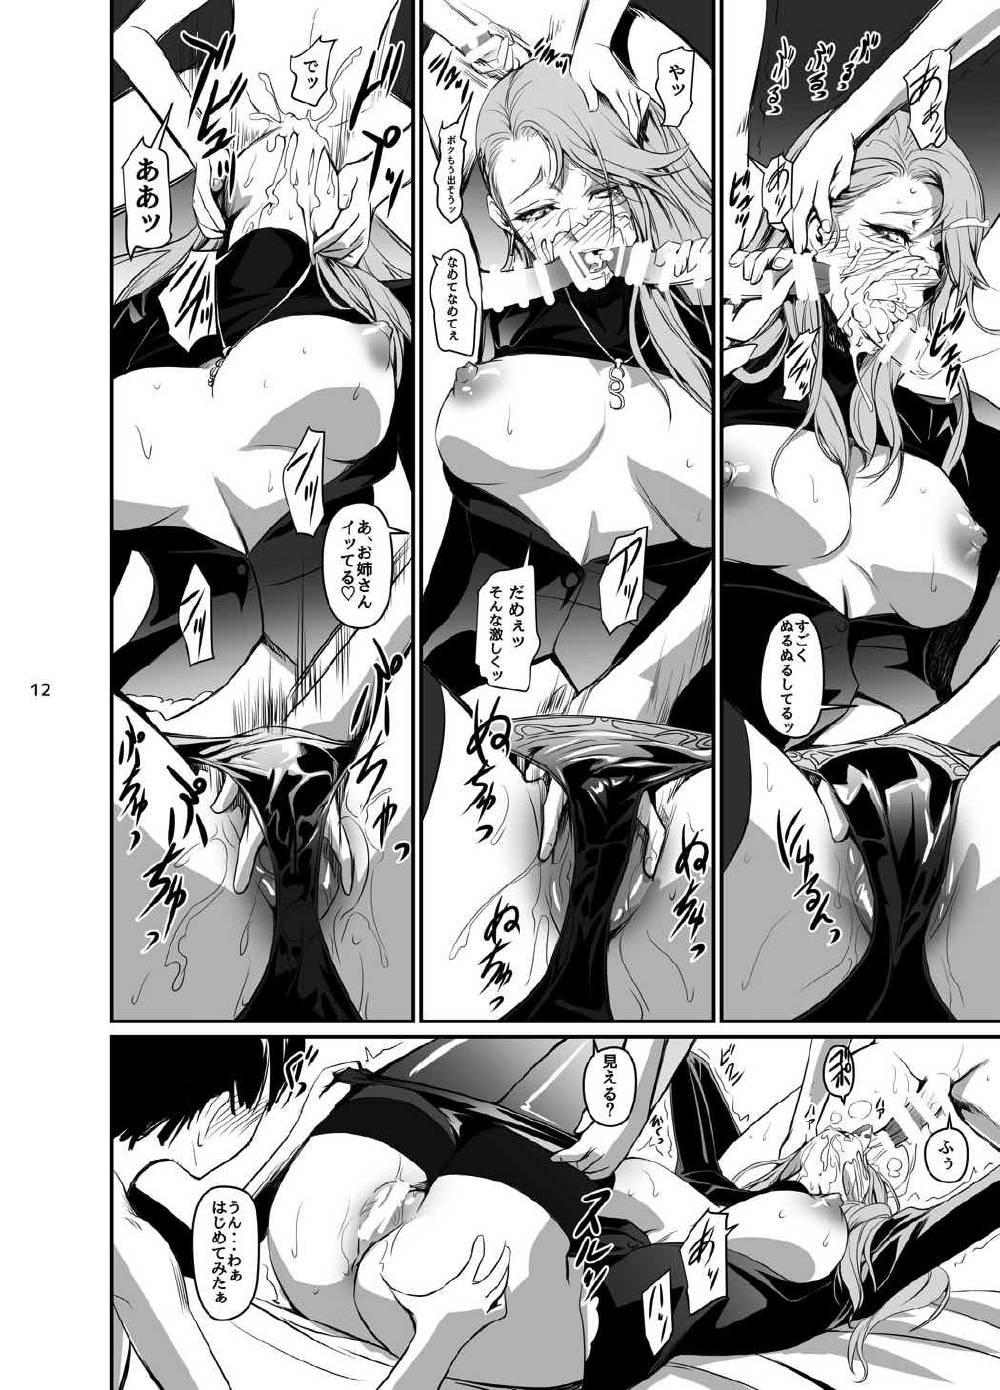 【エロ漫画】プライドの高い女は借金返済のため男たちに輪姦快楽堕ちルートへ・・・